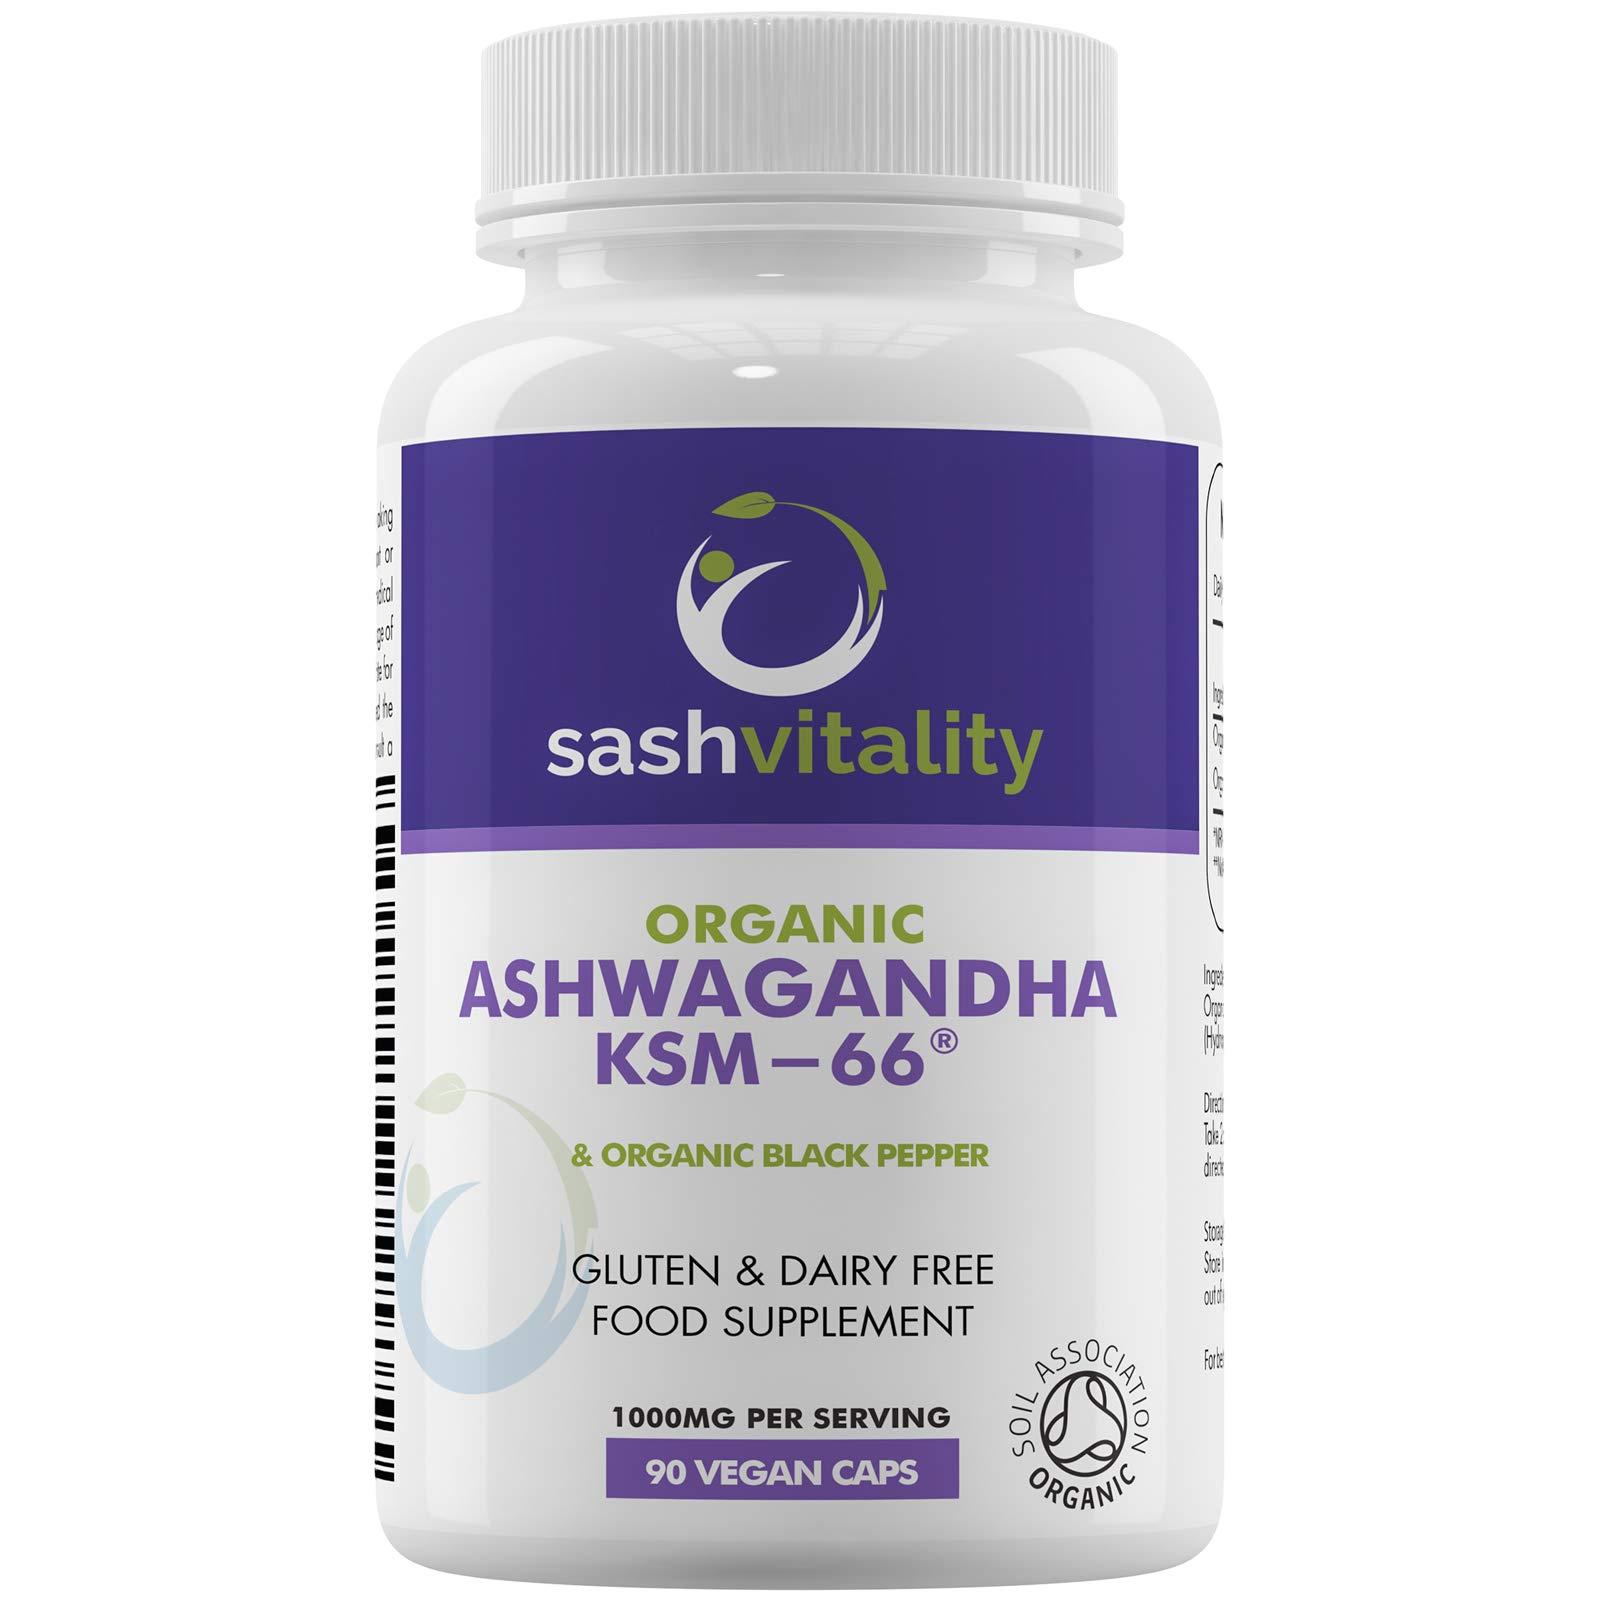 Organic Ashwagandha 1000mg Per Serving KSM-66 Vegan Capsules | Organic Black Pepper for Superior ashwangandha Absorption | Certified Organic & Vegan | Mood Support Ayurveda Supplement | UK Made